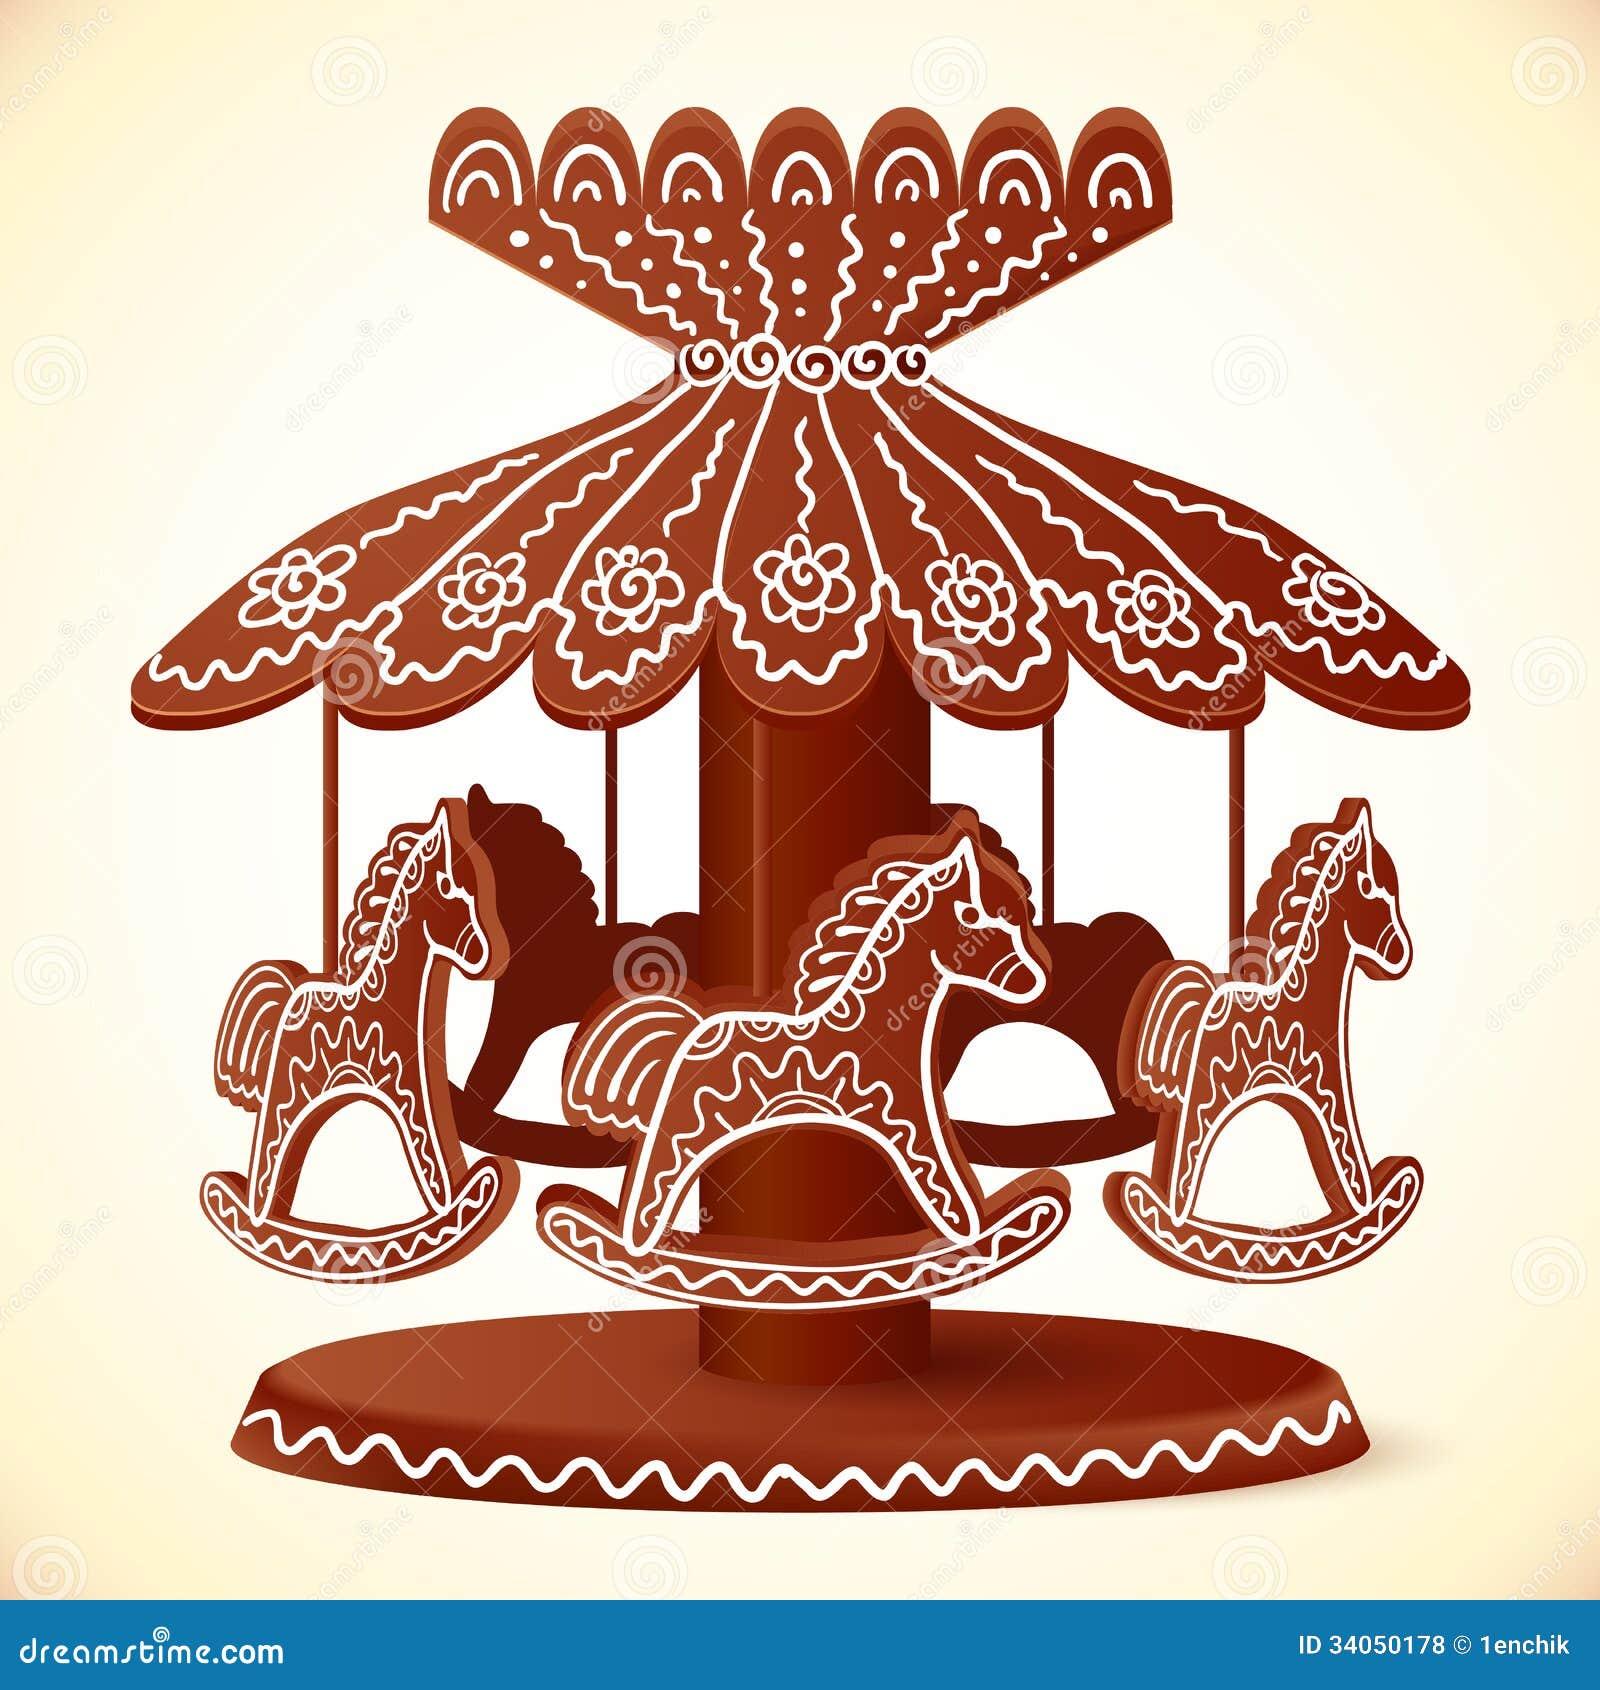 Christmas Cake For Horses